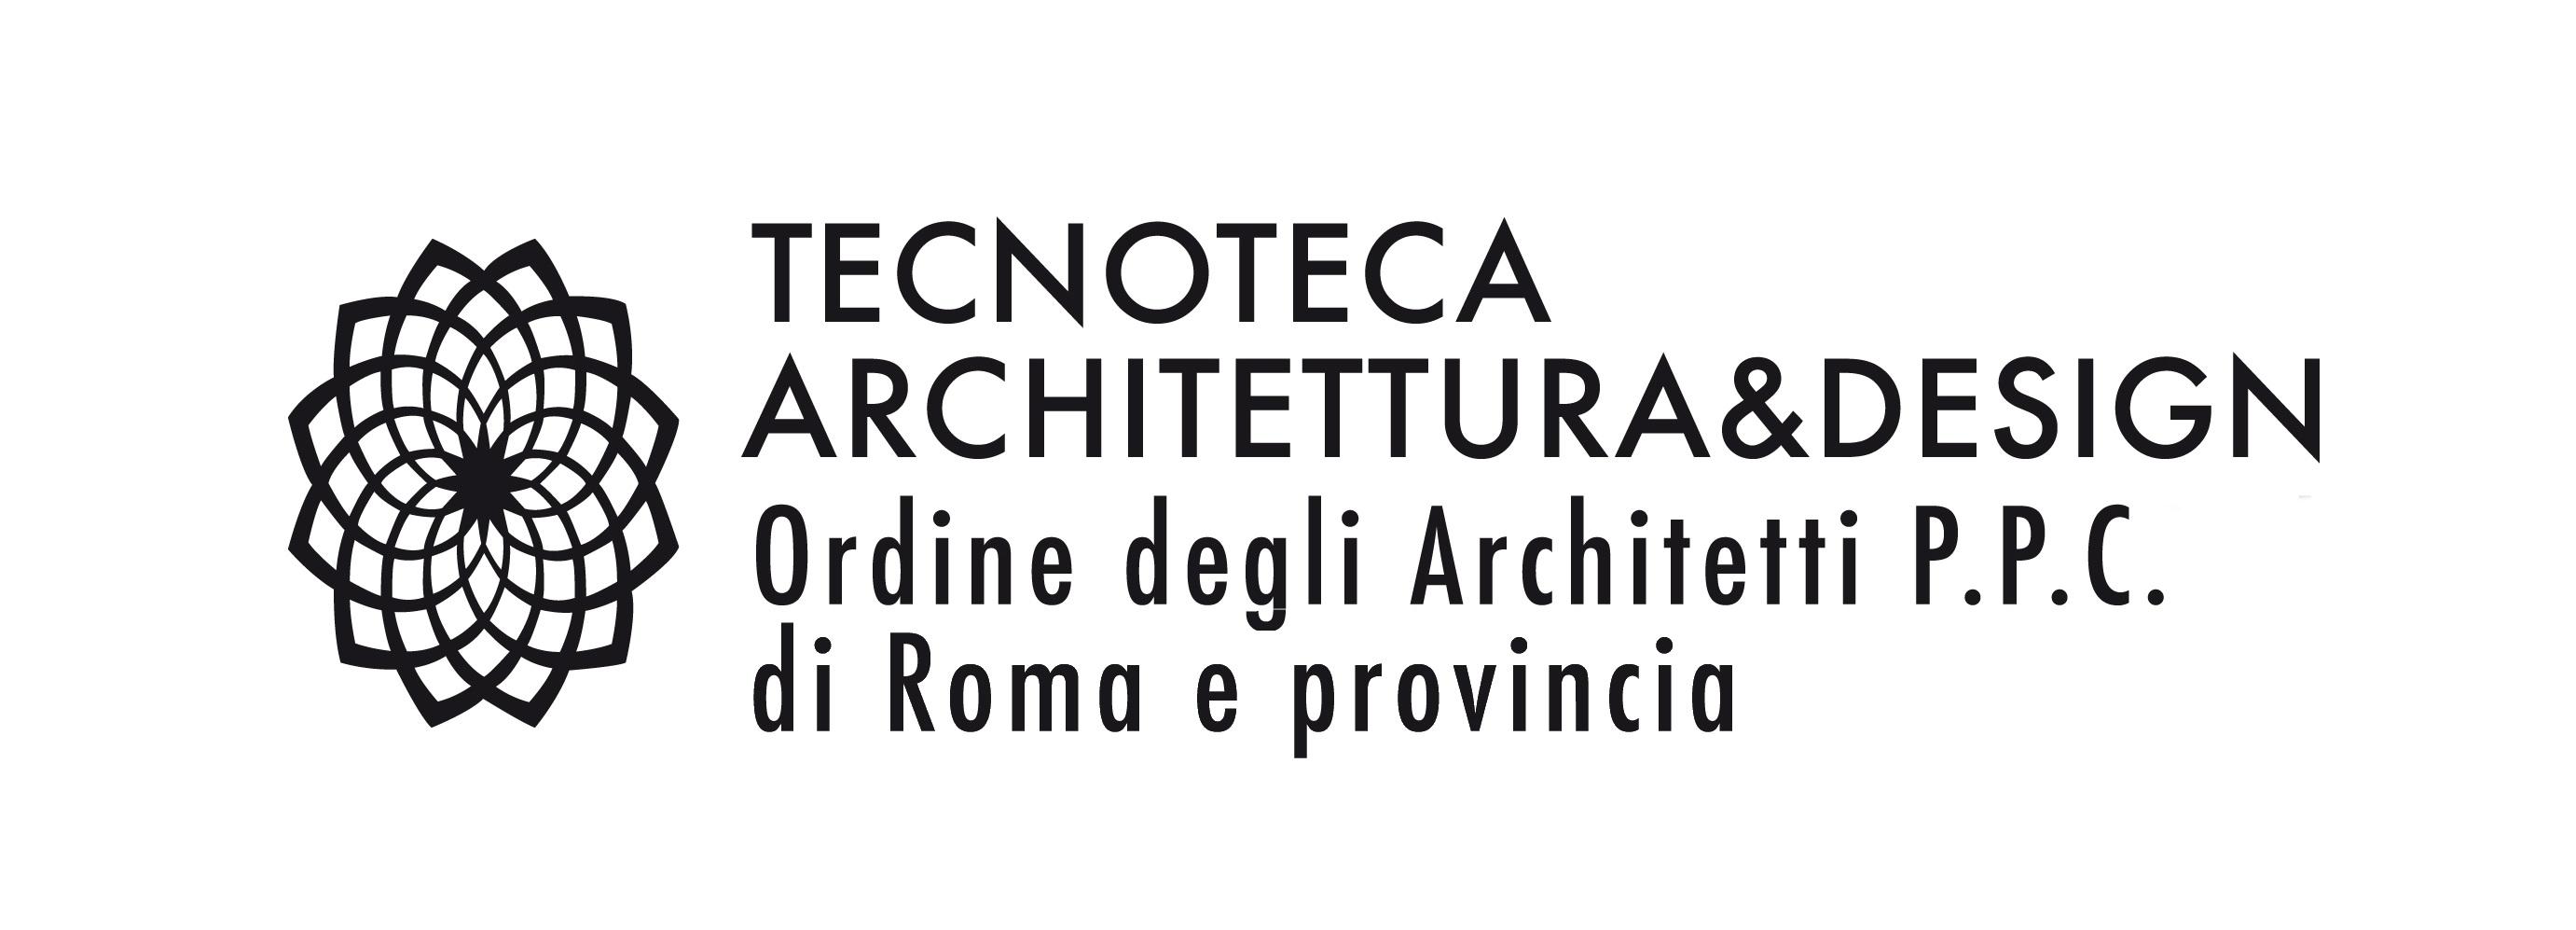 Nesite con tecnoteca per l 39 ordine degli architetti di roma - Portale architetti roma ...